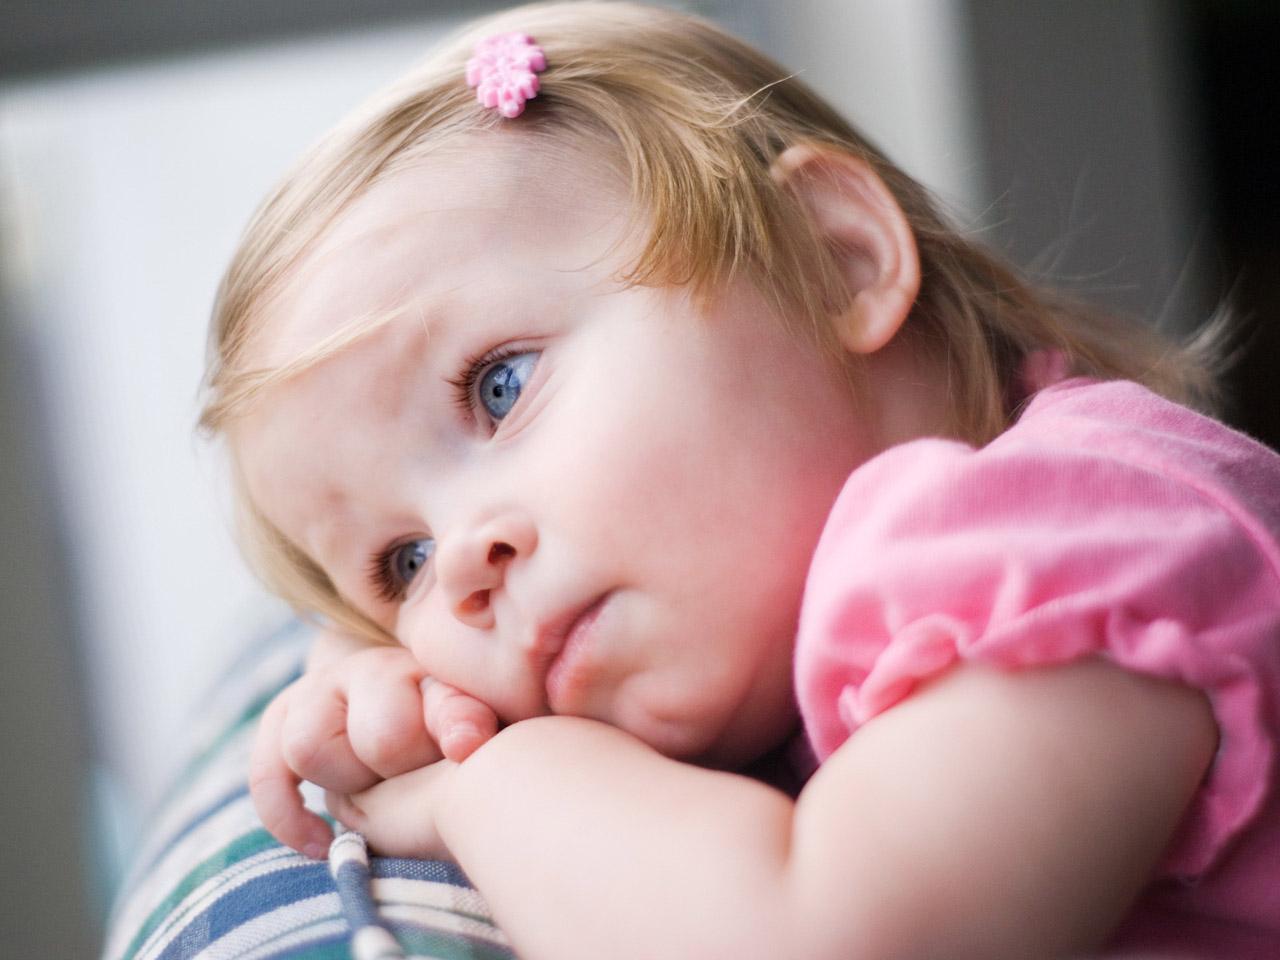 cute-babies-wallpapers- (9)